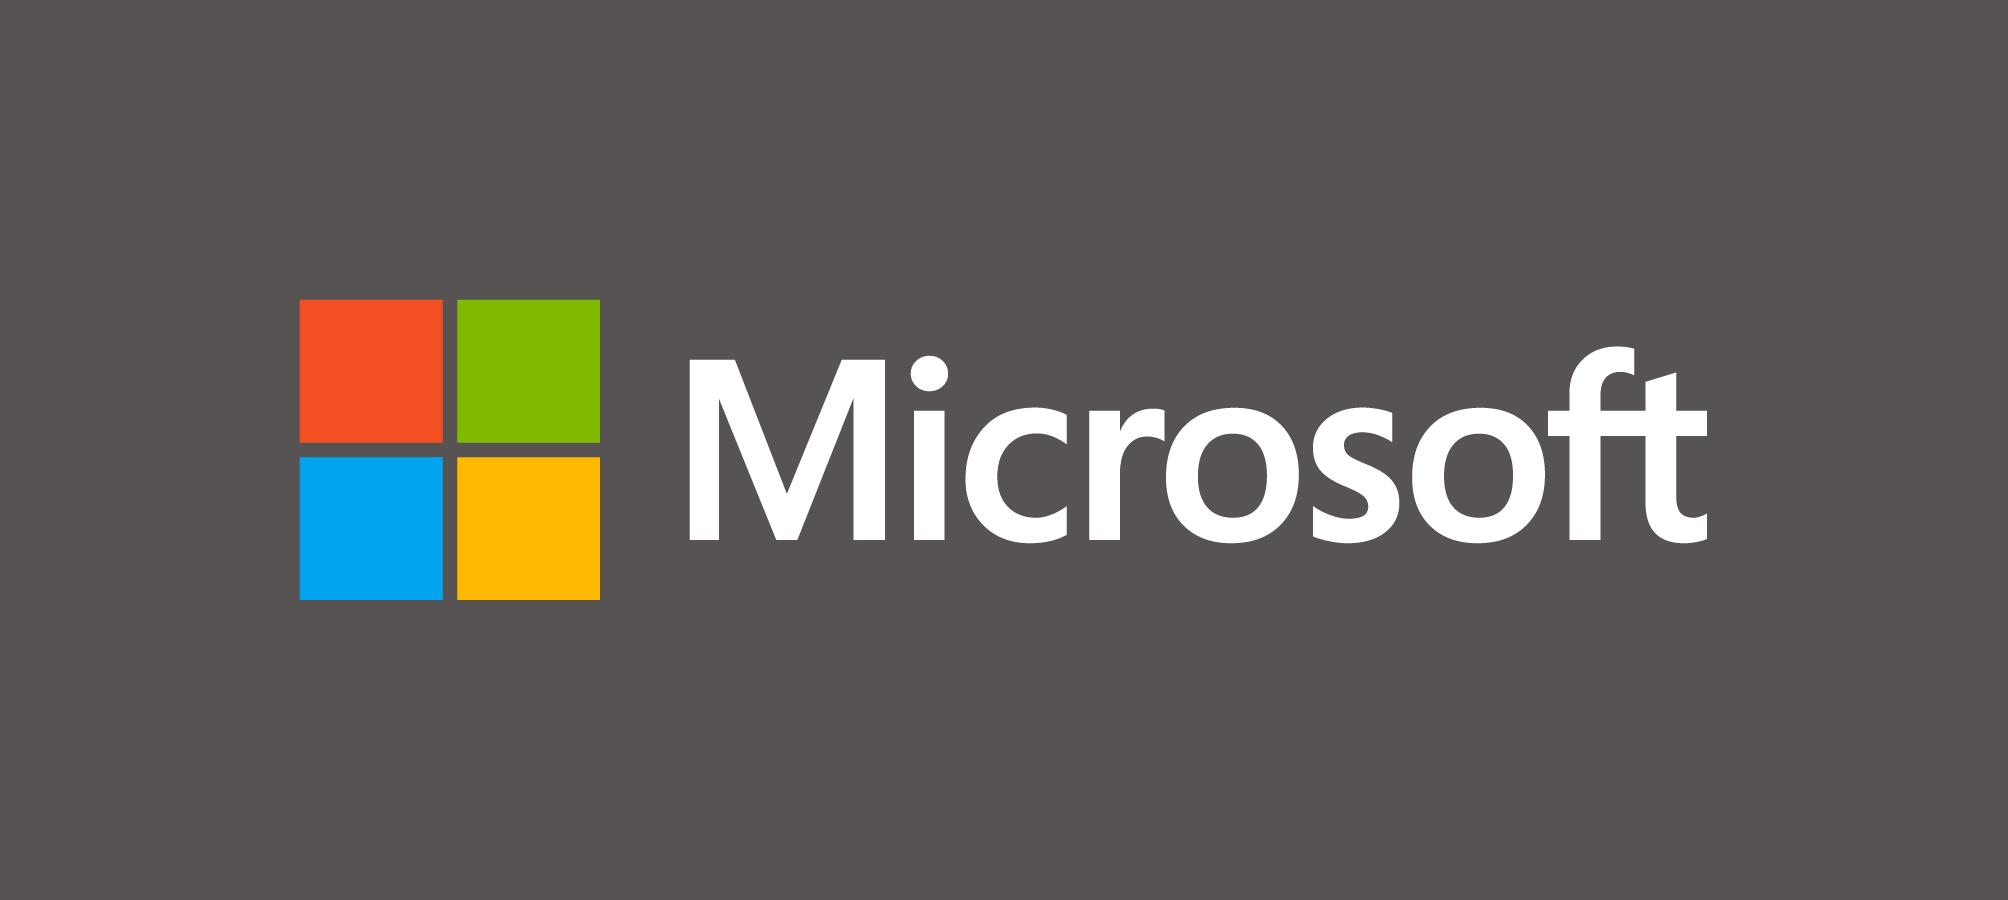 Microsoft-logo_rgb_wht.png